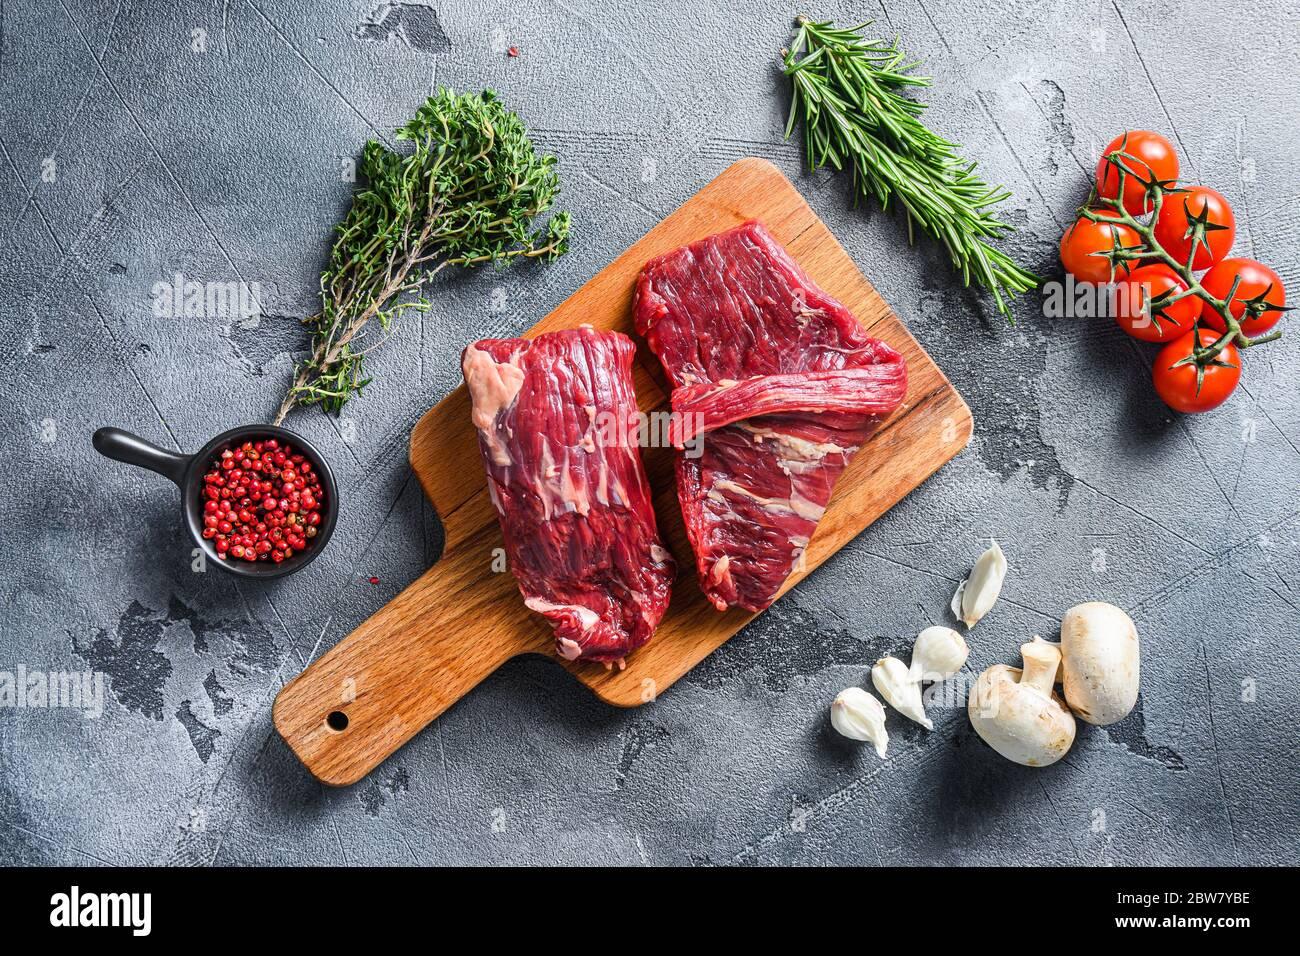 Filete de solapa crudo corte flanco con Machete, Falda Steak, en madera tabla de cortar, con hierbas tomates peppercorns sobre piedra gris superficie fondo vi Foto de stock